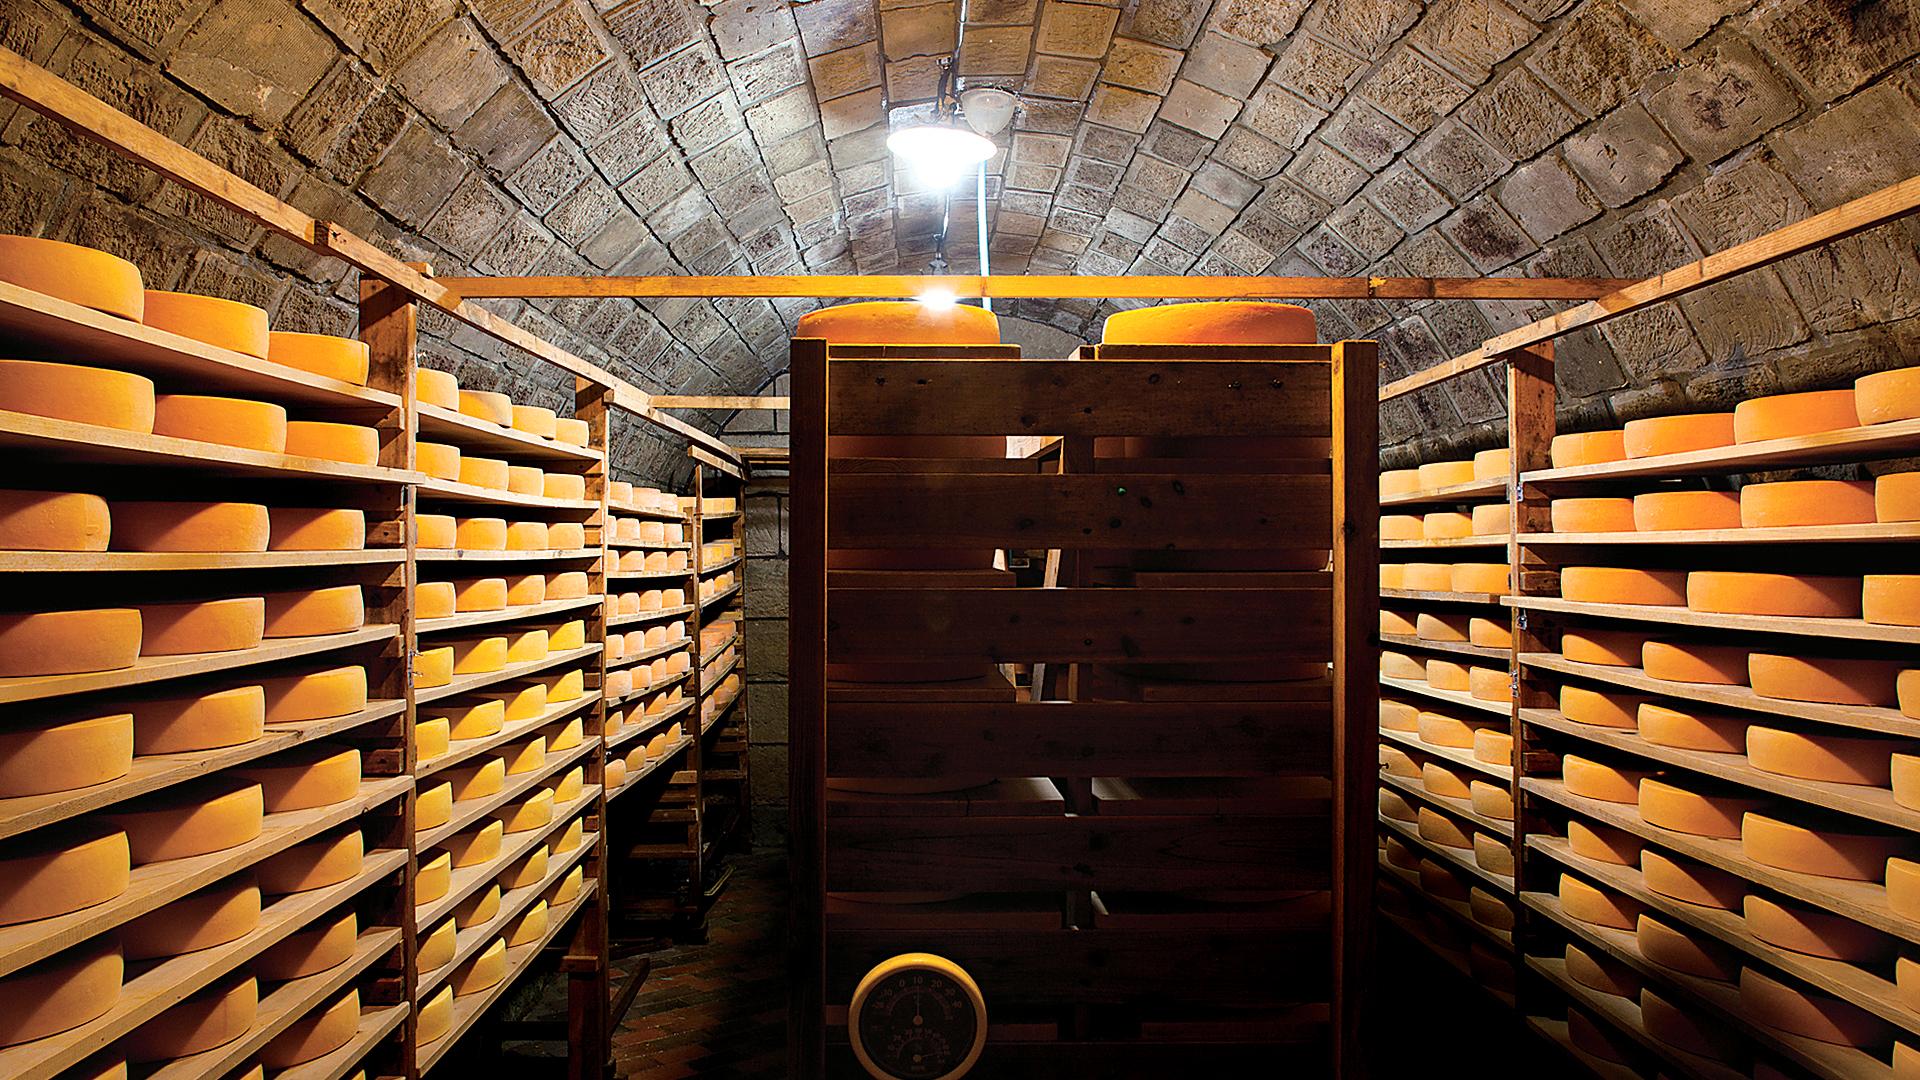 ひとつひとつのいのちが輝くチーズ <br />〜共働学舎新得農場〜